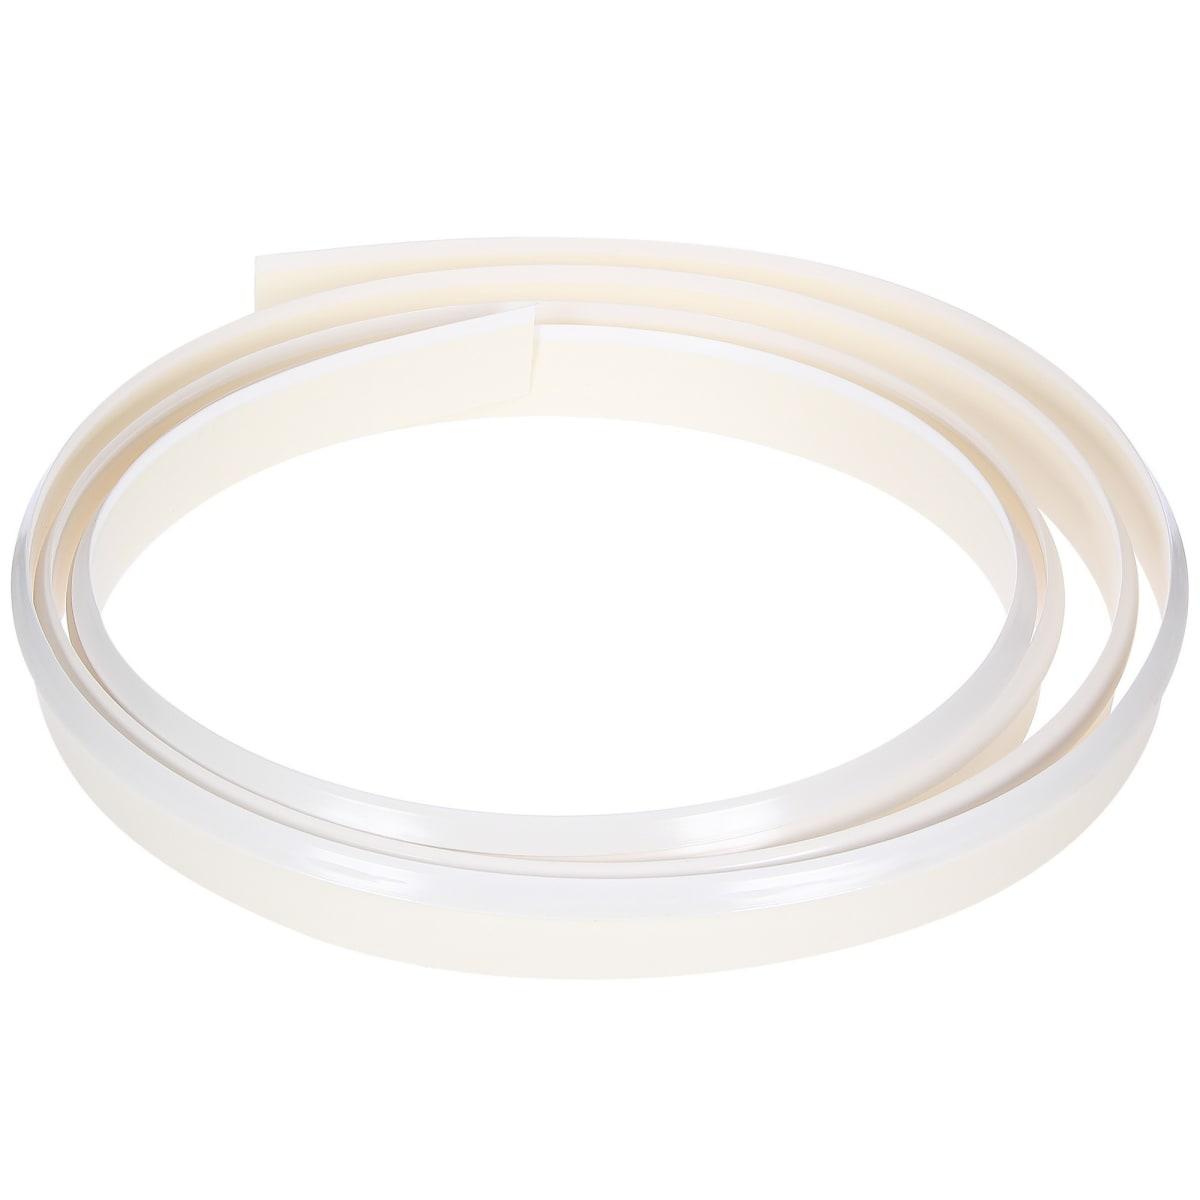 Профиль пристенный гибкий, 320 см, пластик, цвет белый